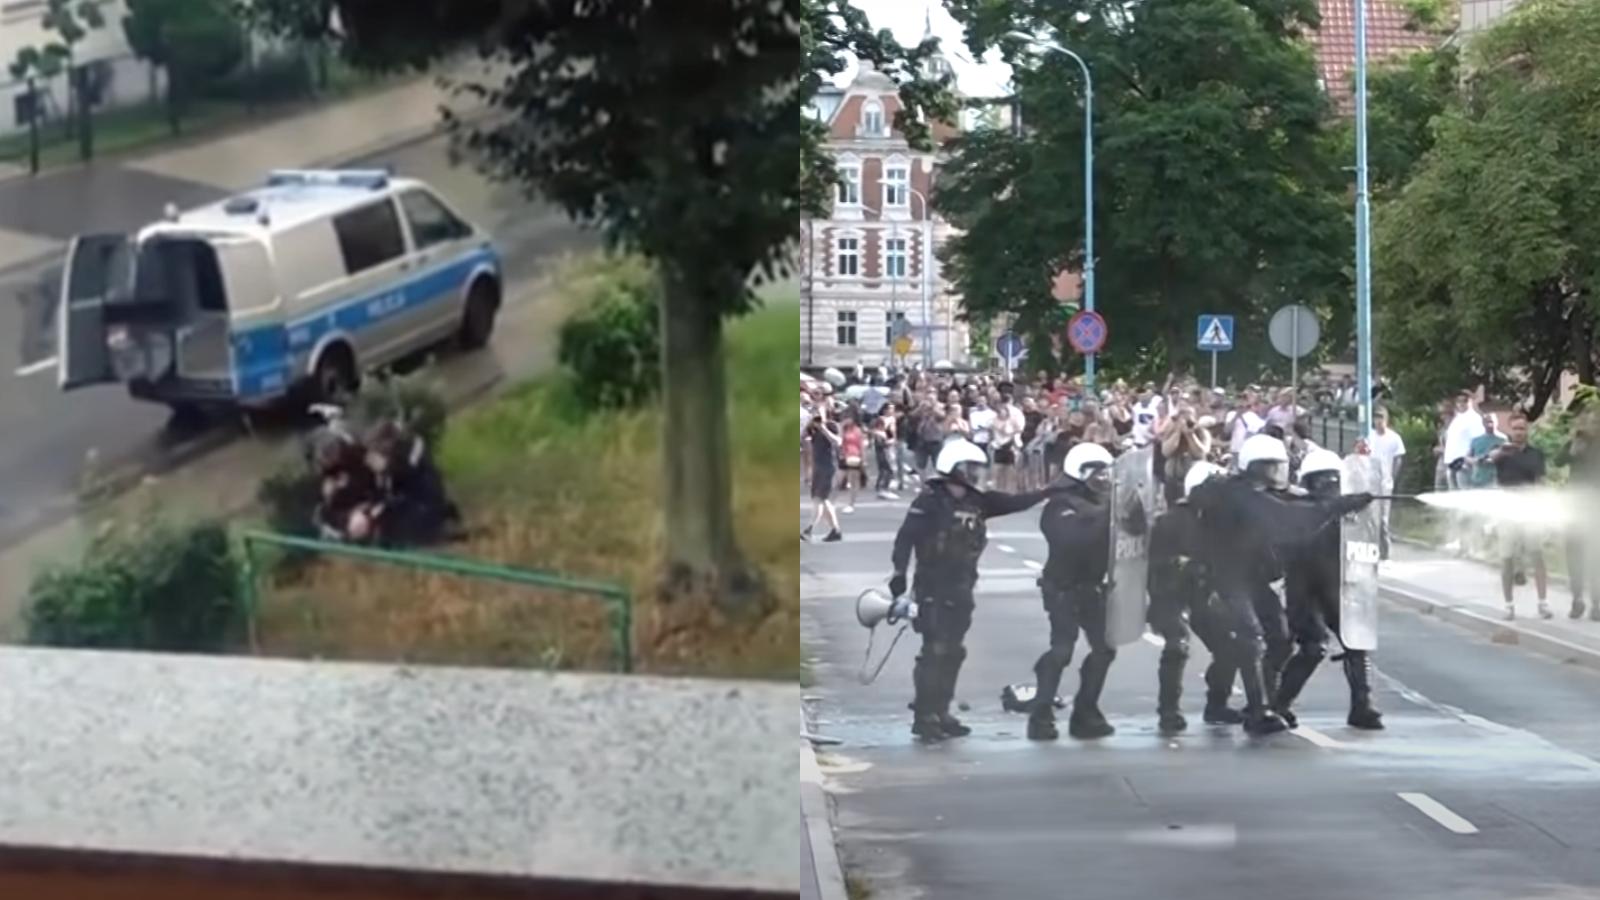 Tą historią żyła cała Polska. Ulica wyraziła swój gniew